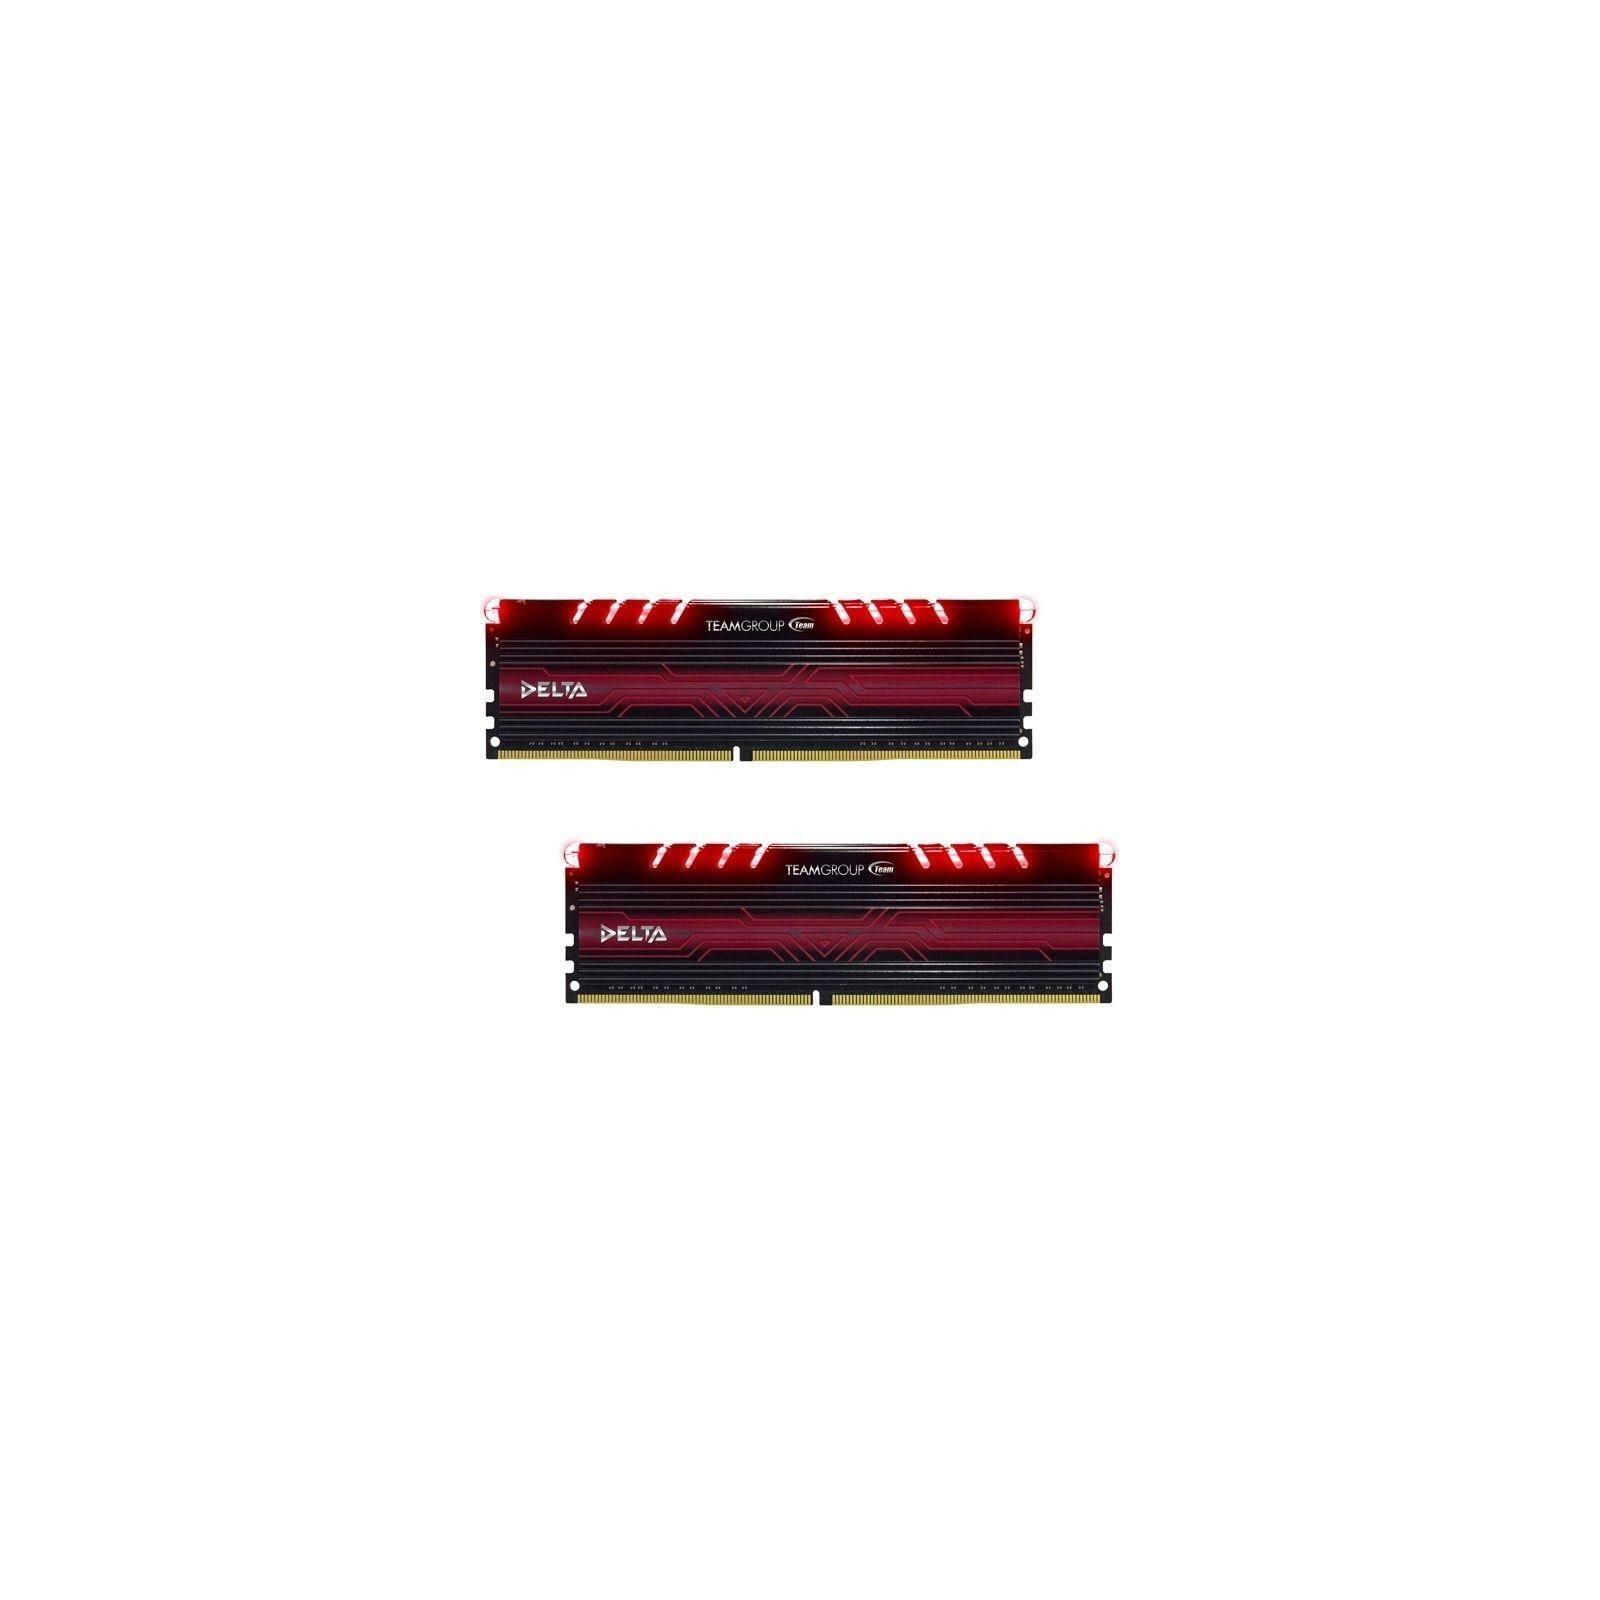 Модуль памяти для компьютера DDR4 8GB (2x4GB) 3000 MHz Delta Red LED Team (TDTRD48G3000HC16ADC01)